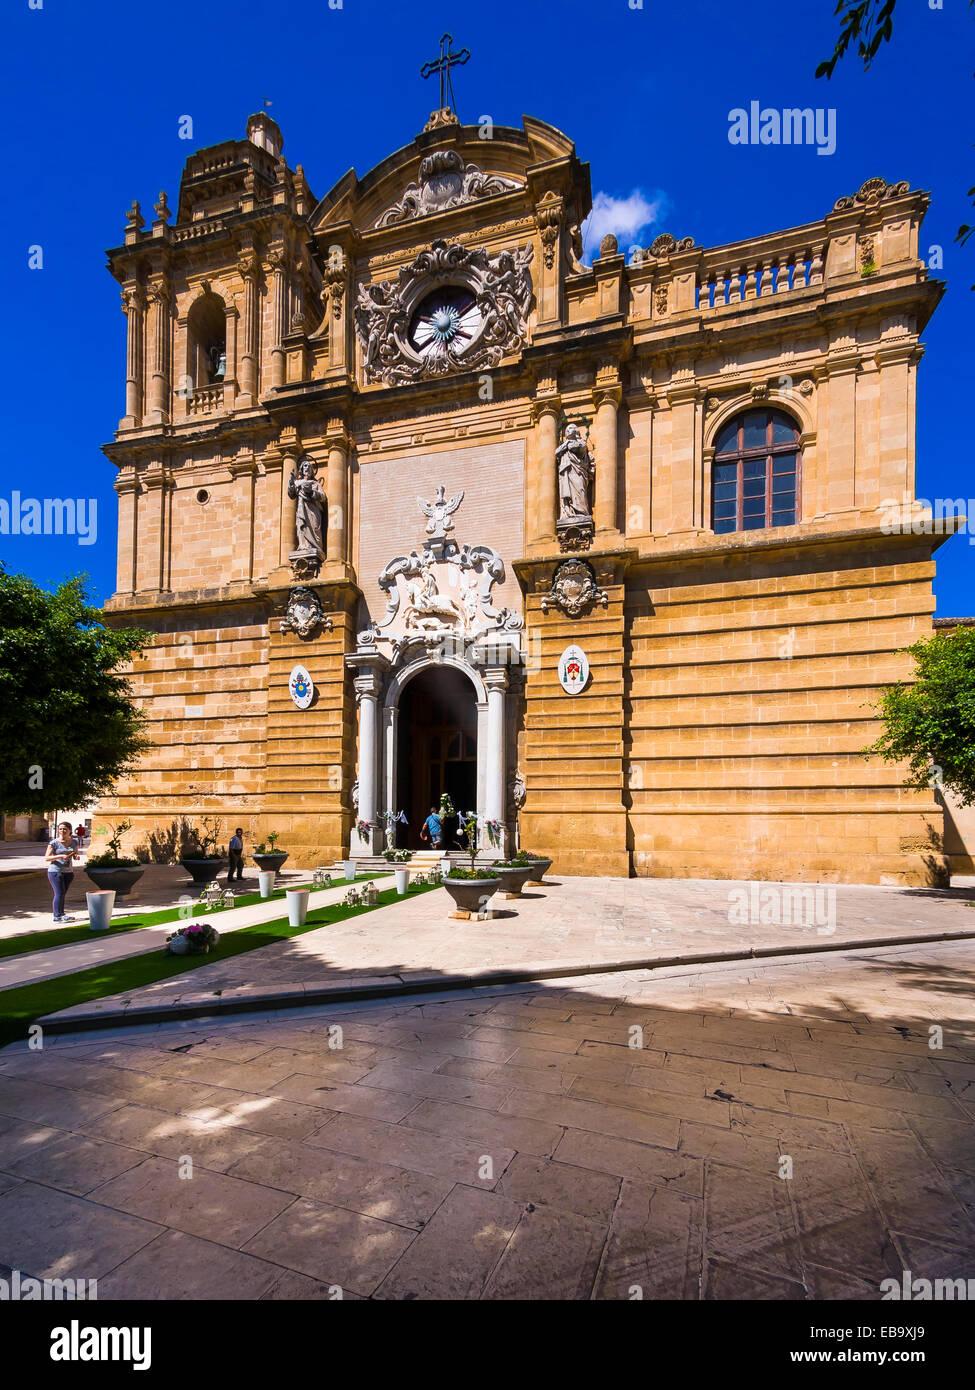 Cathedral del Santissimo Salvatore or San Vito Church, Mazara del Vallo, Province of Trapani, Sicily, Italy - Stock Image